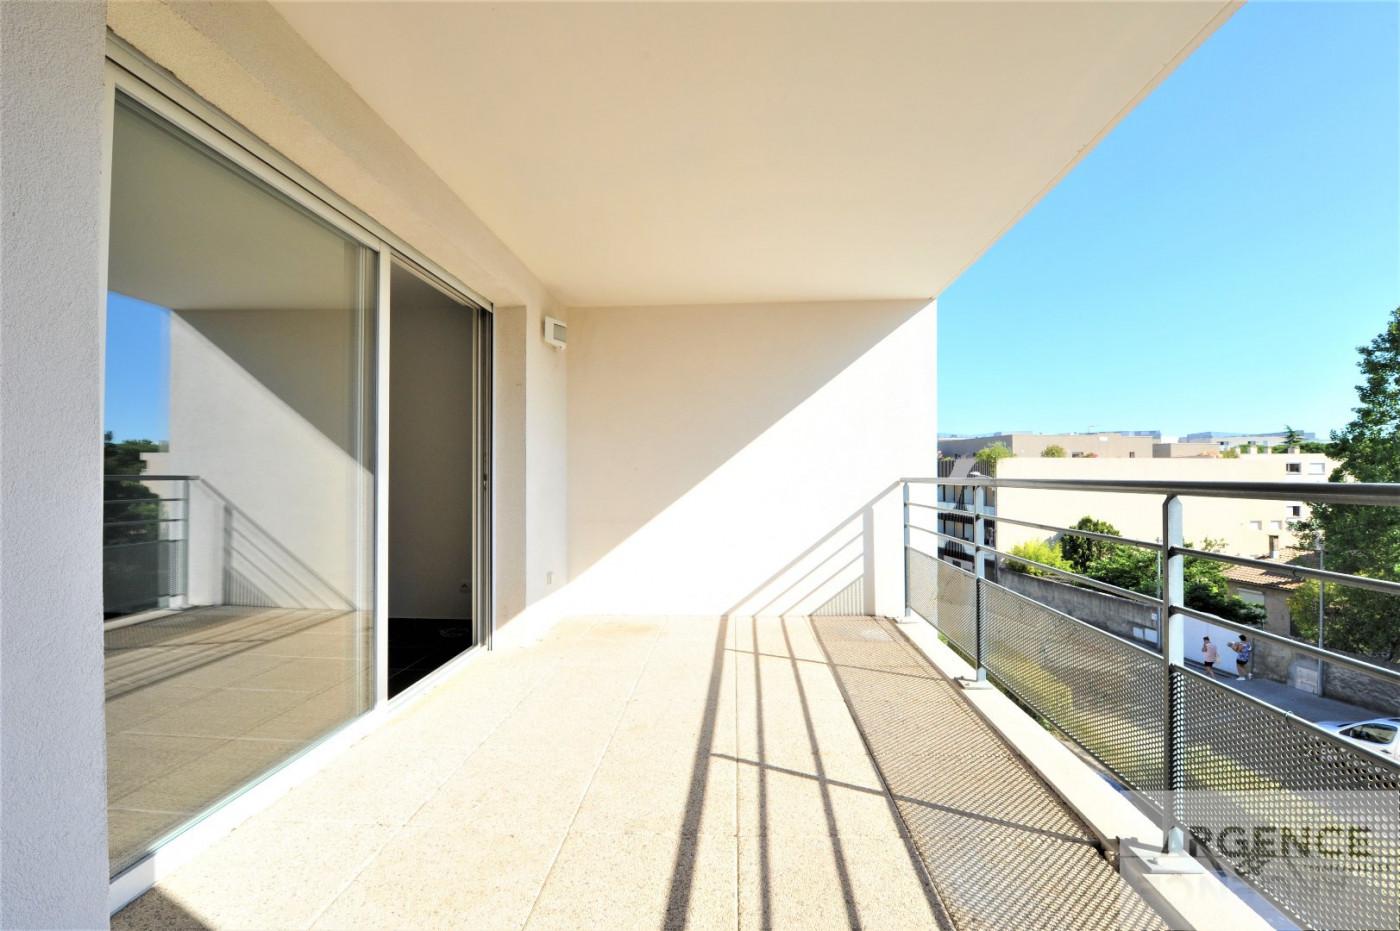 A vendre  Castelnau Le Lez   Réf 345335767 - Argence immobilier